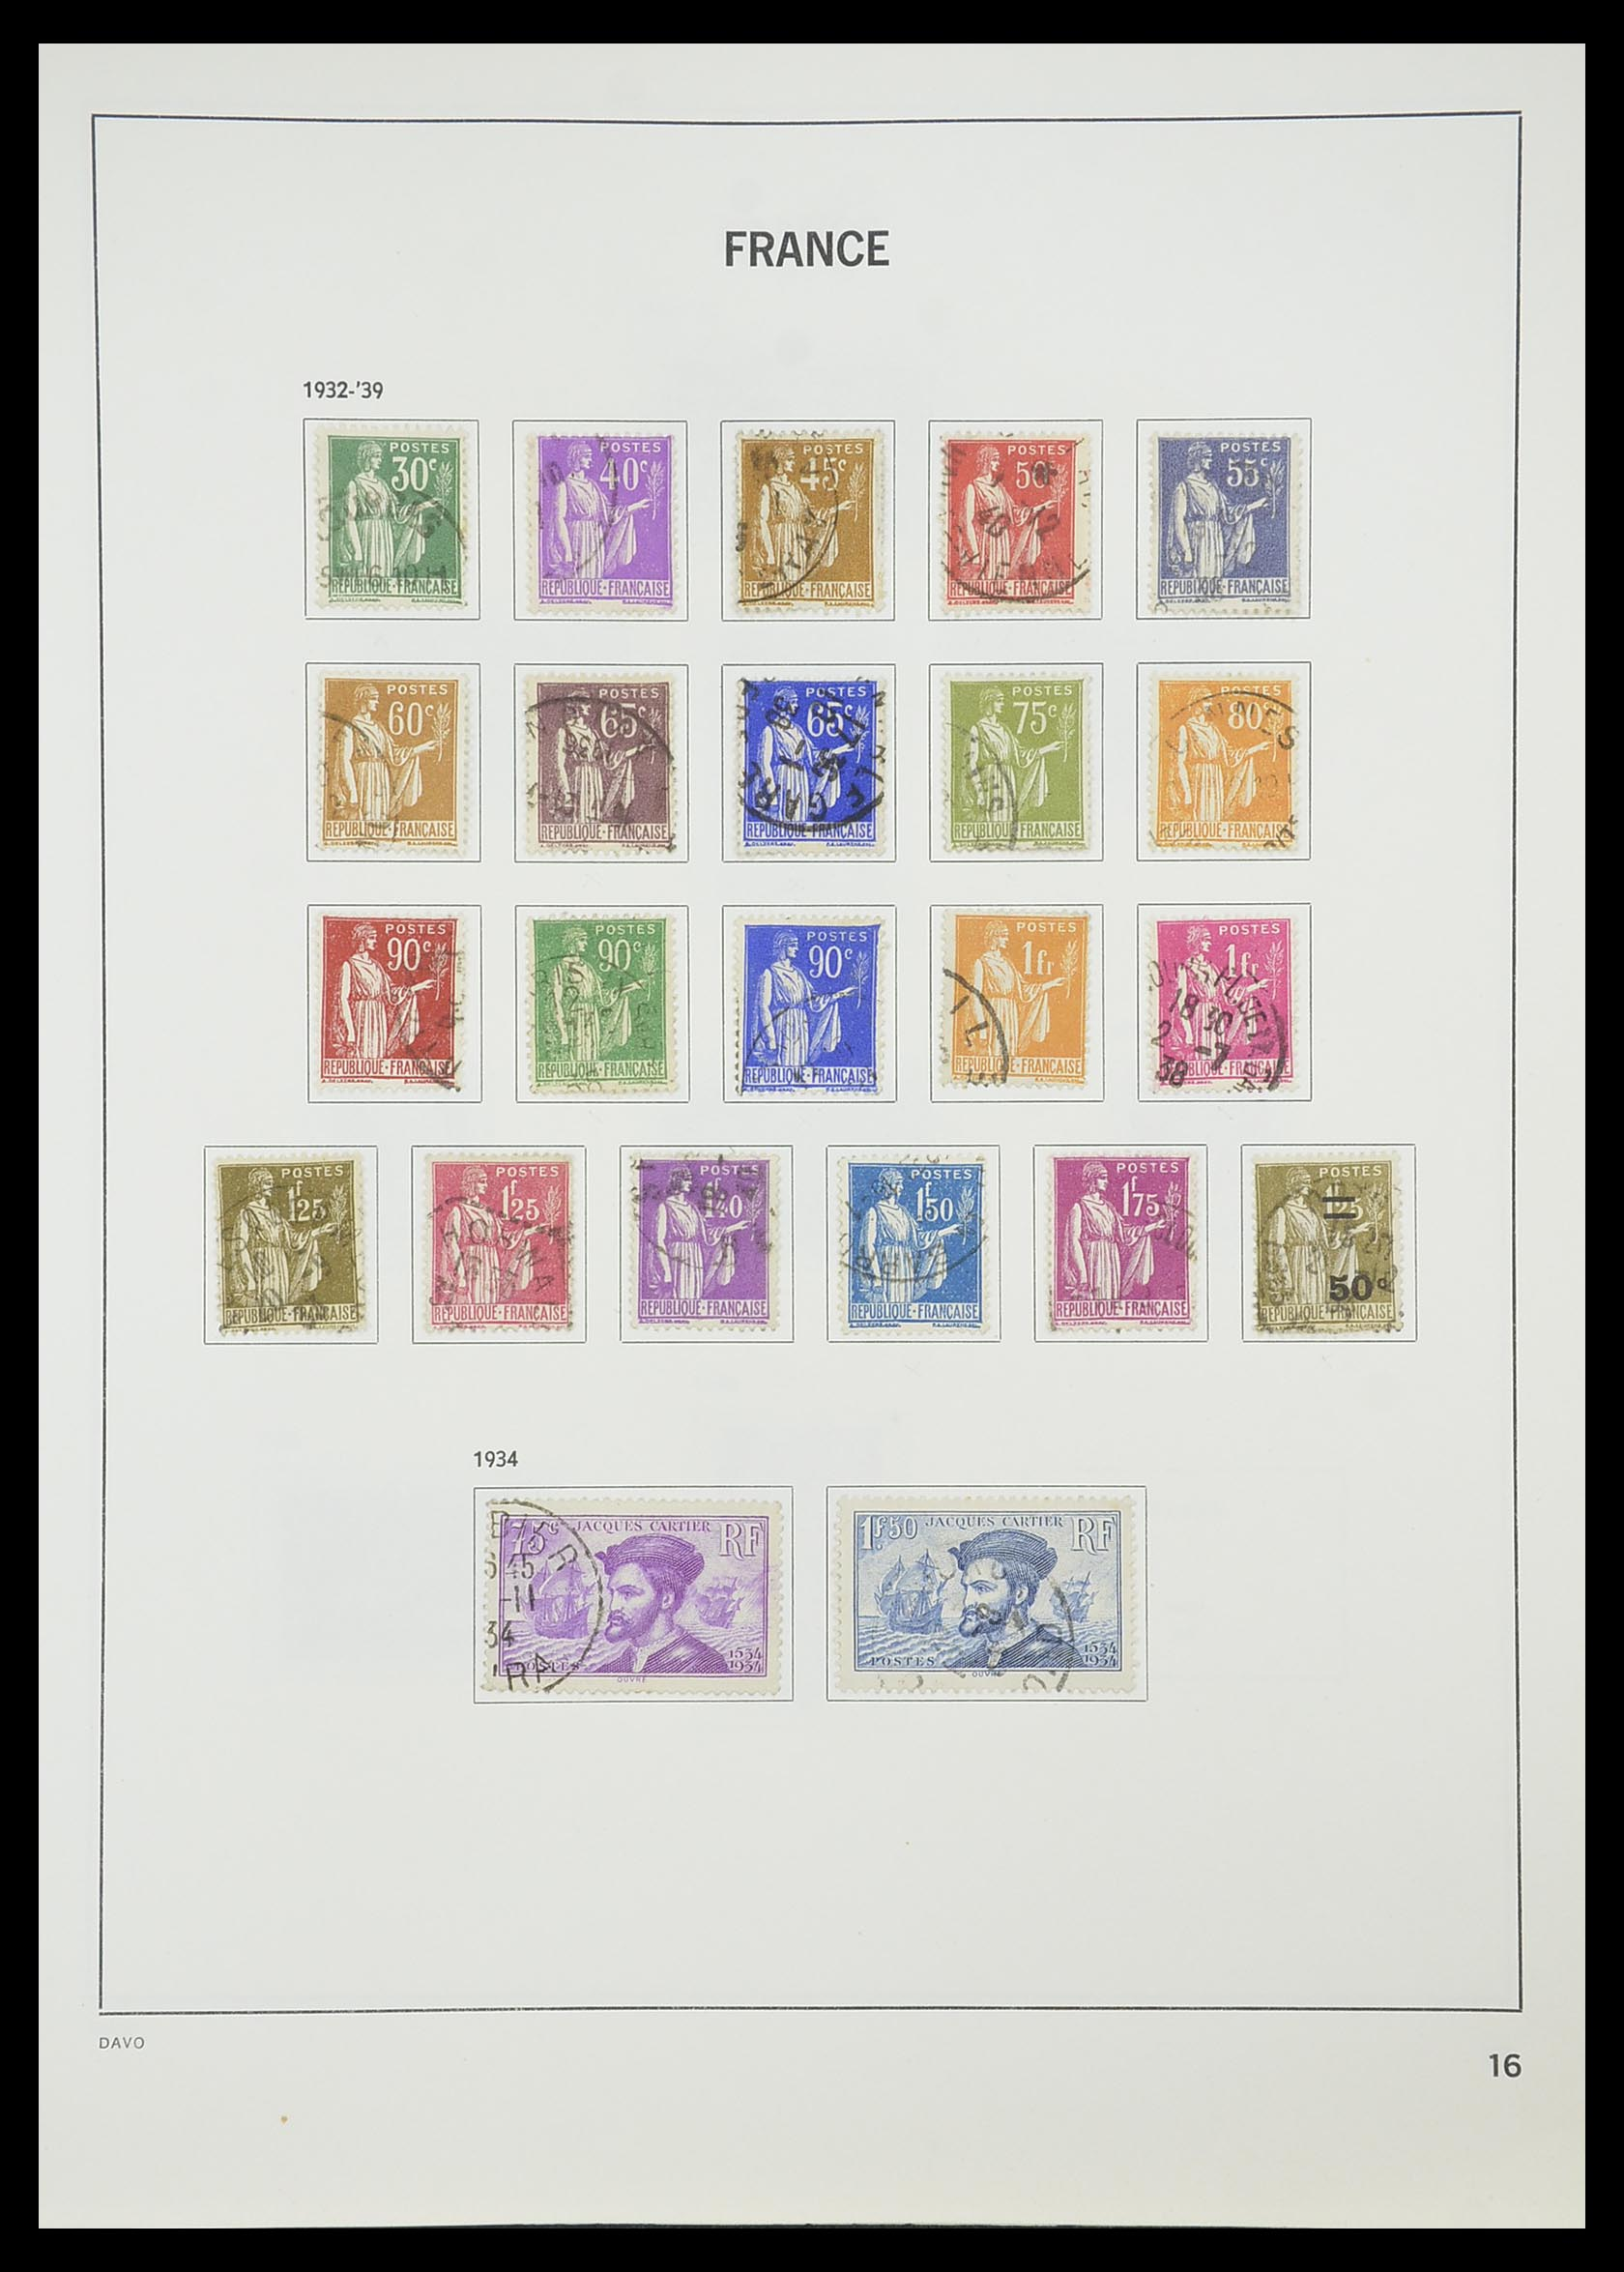 33819 018 - Postzegelverzameling 33819 Frankrijk 1849-1988.